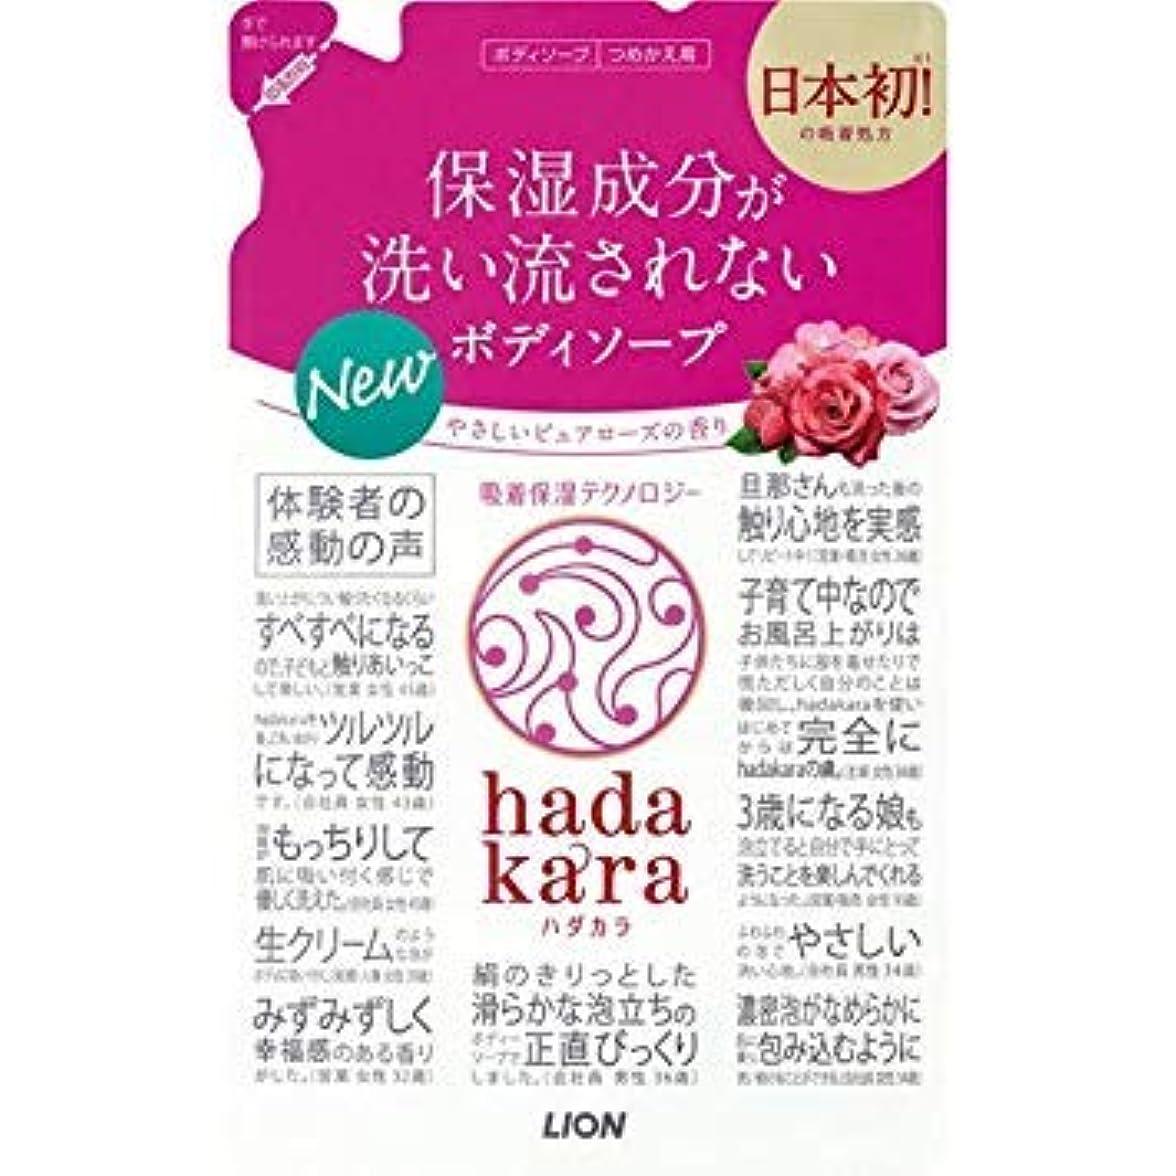 ハードリング混合かるhadakara(ハダカラ) ボディソープ ピュアローズの香り 詰め替え 360ml×16個